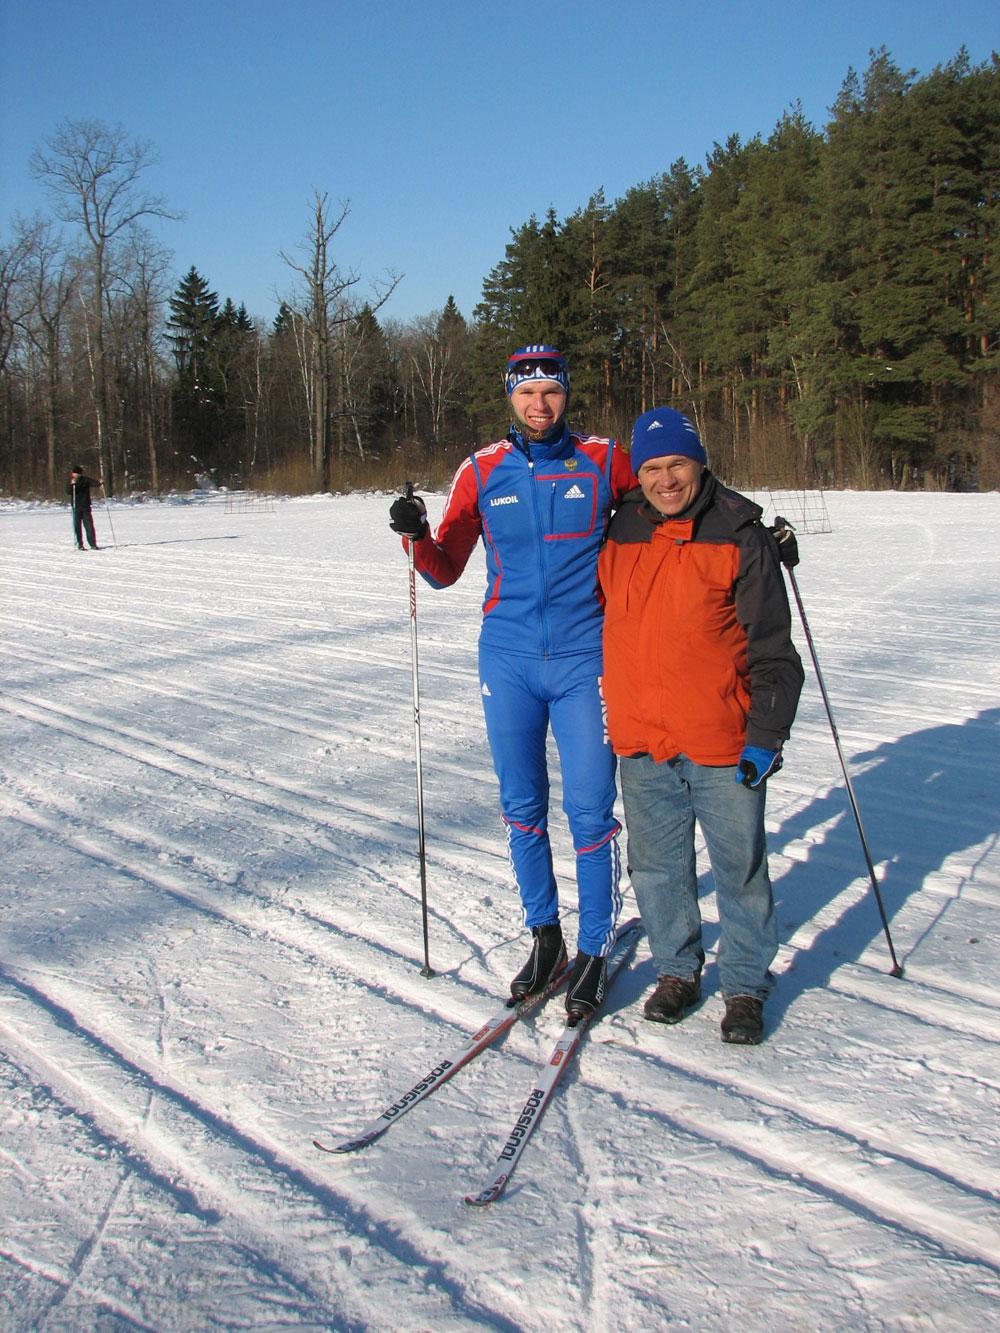 Лыжня, Одинцово, лыжи, пункт проката лыж в Одинцово, купить лыжи, прокат лыж в Одинцово